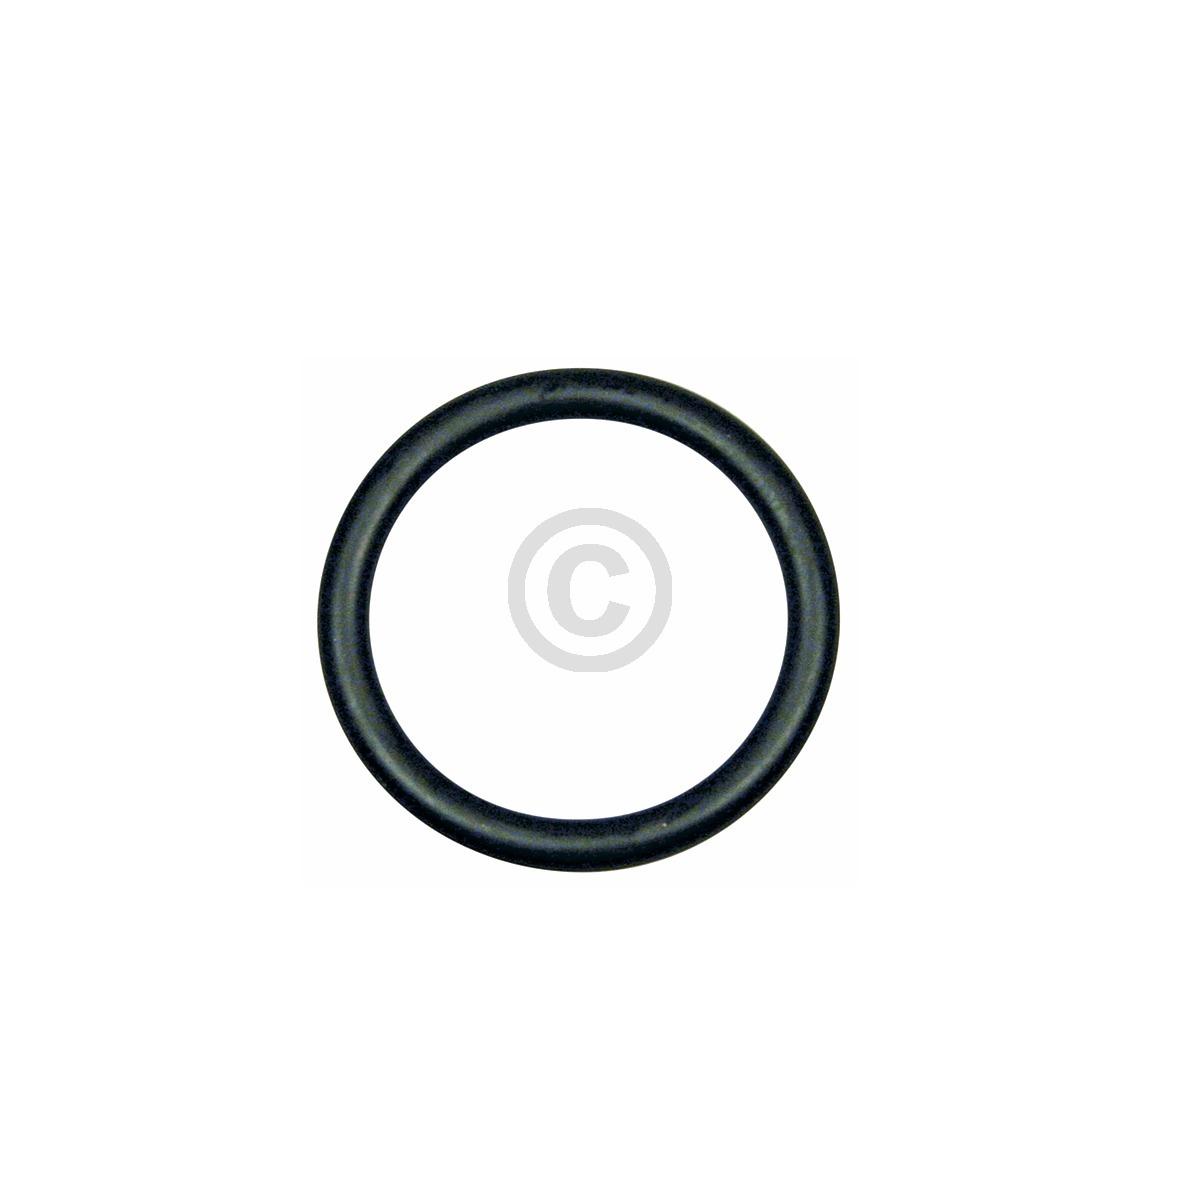 Dichtring AEG 5028265000/6 ORing 33mmØ für Kollektor Geschirrspüler